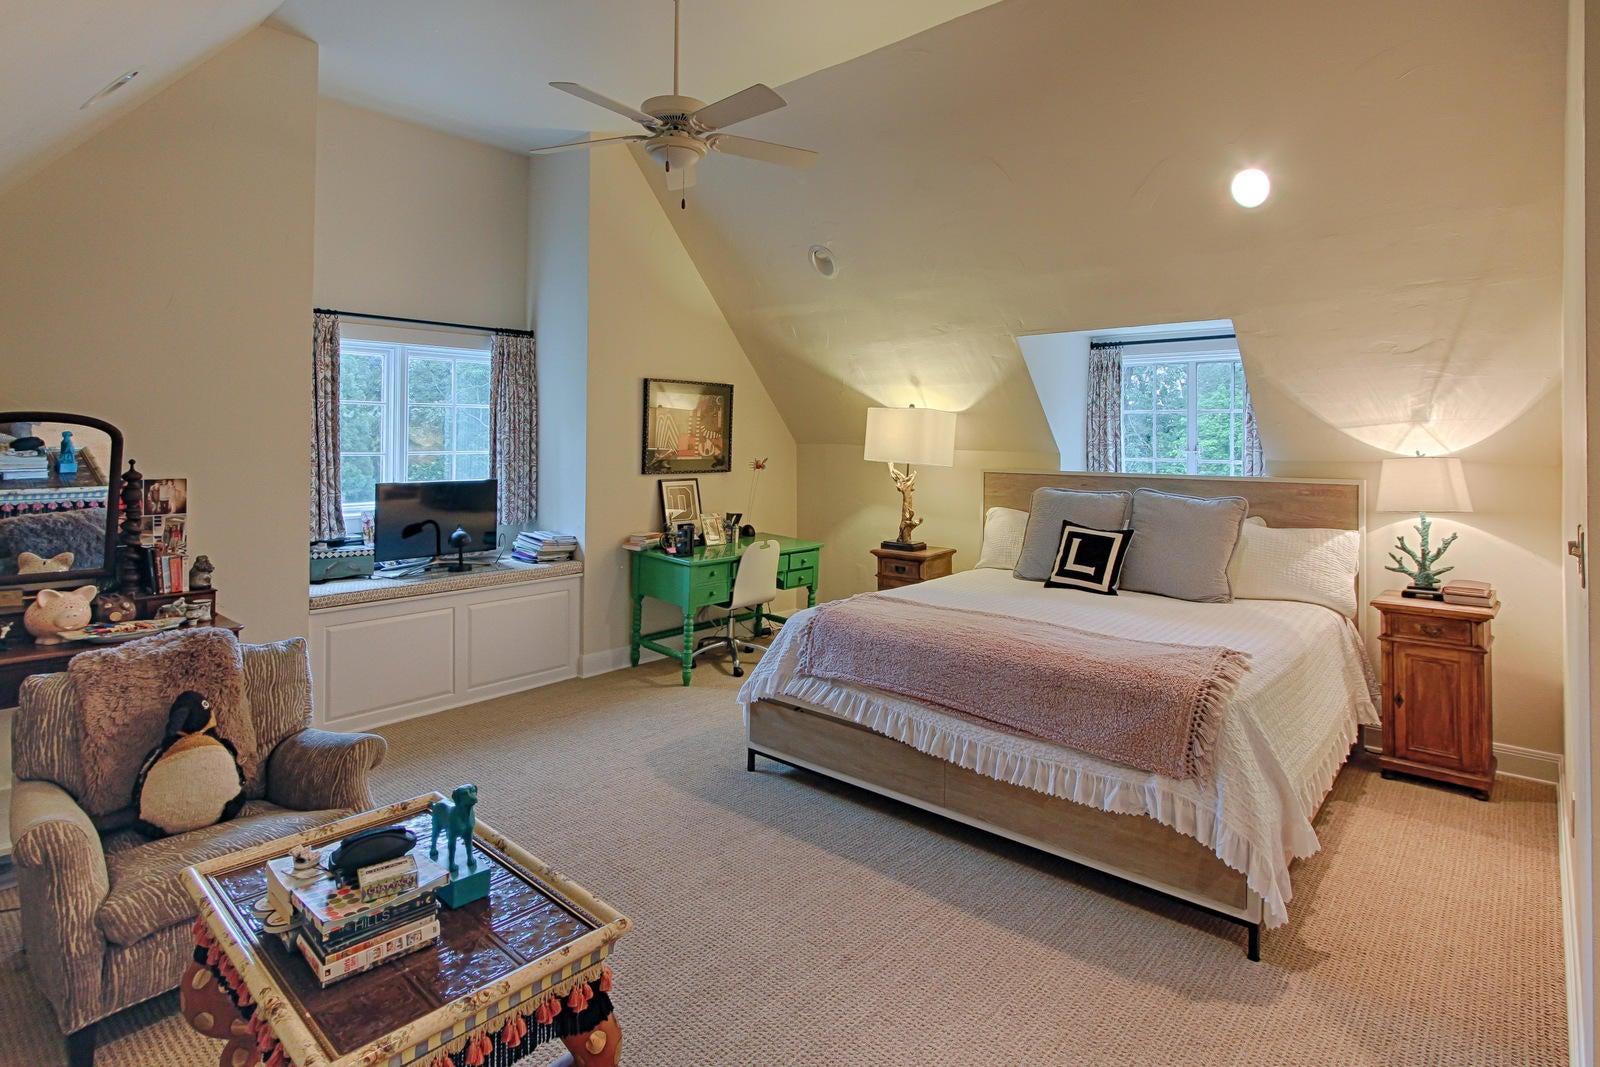 bedrm 4 suite